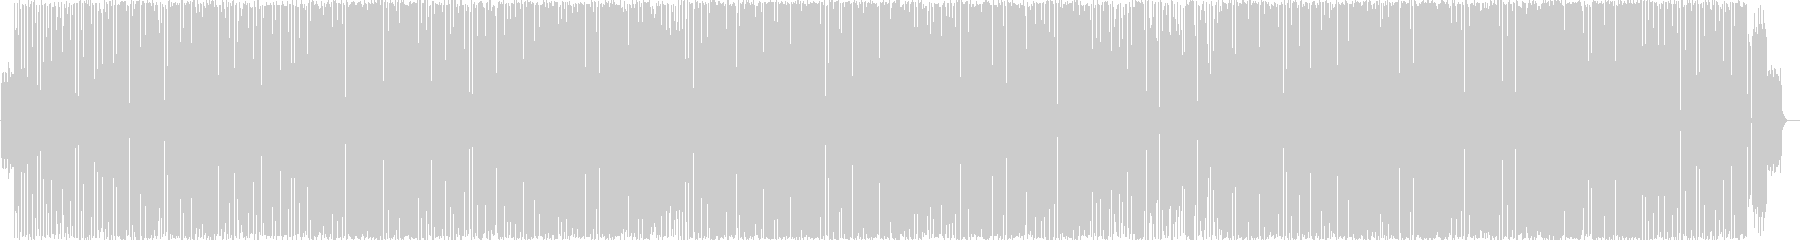 電子音と軽快なラテンのミックスの未再生の波形